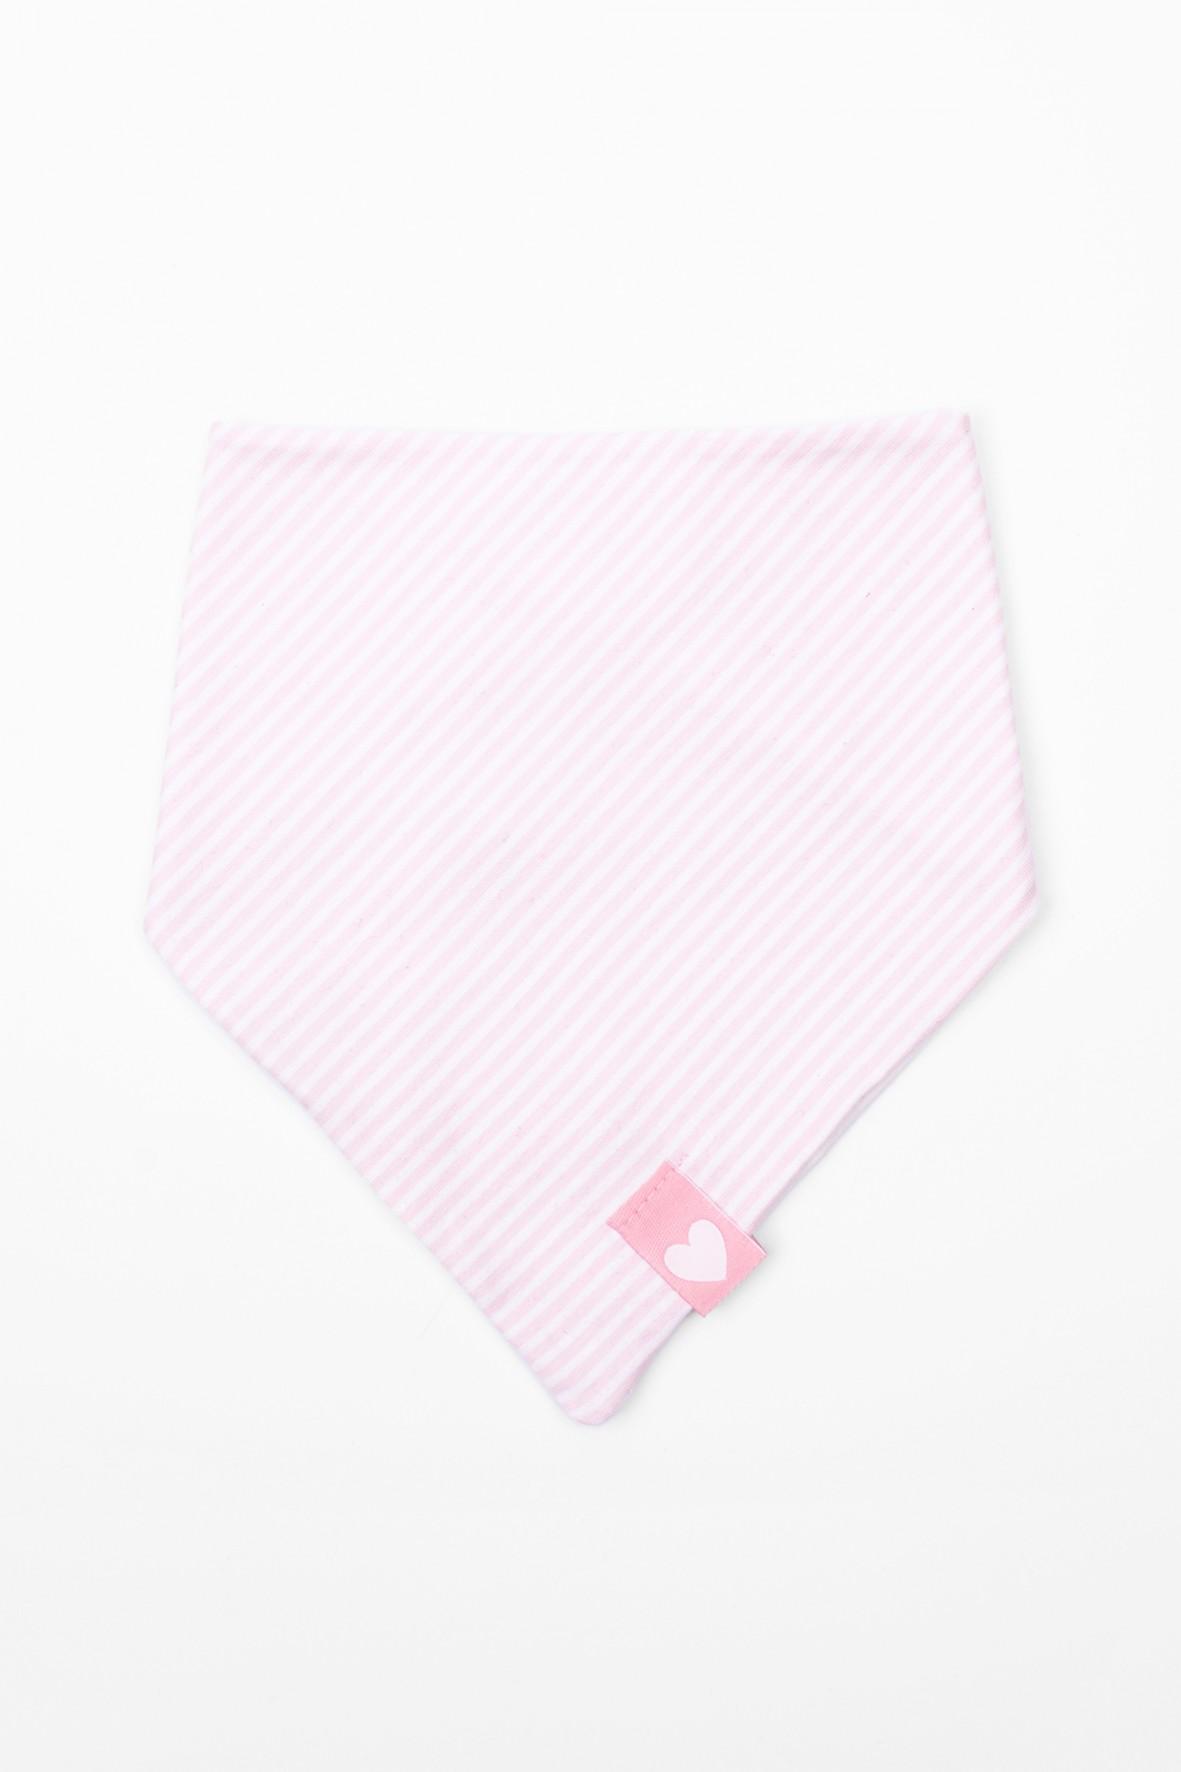 Dzianinowa chustka pod szyję dla niemowlaka- różowa w paski